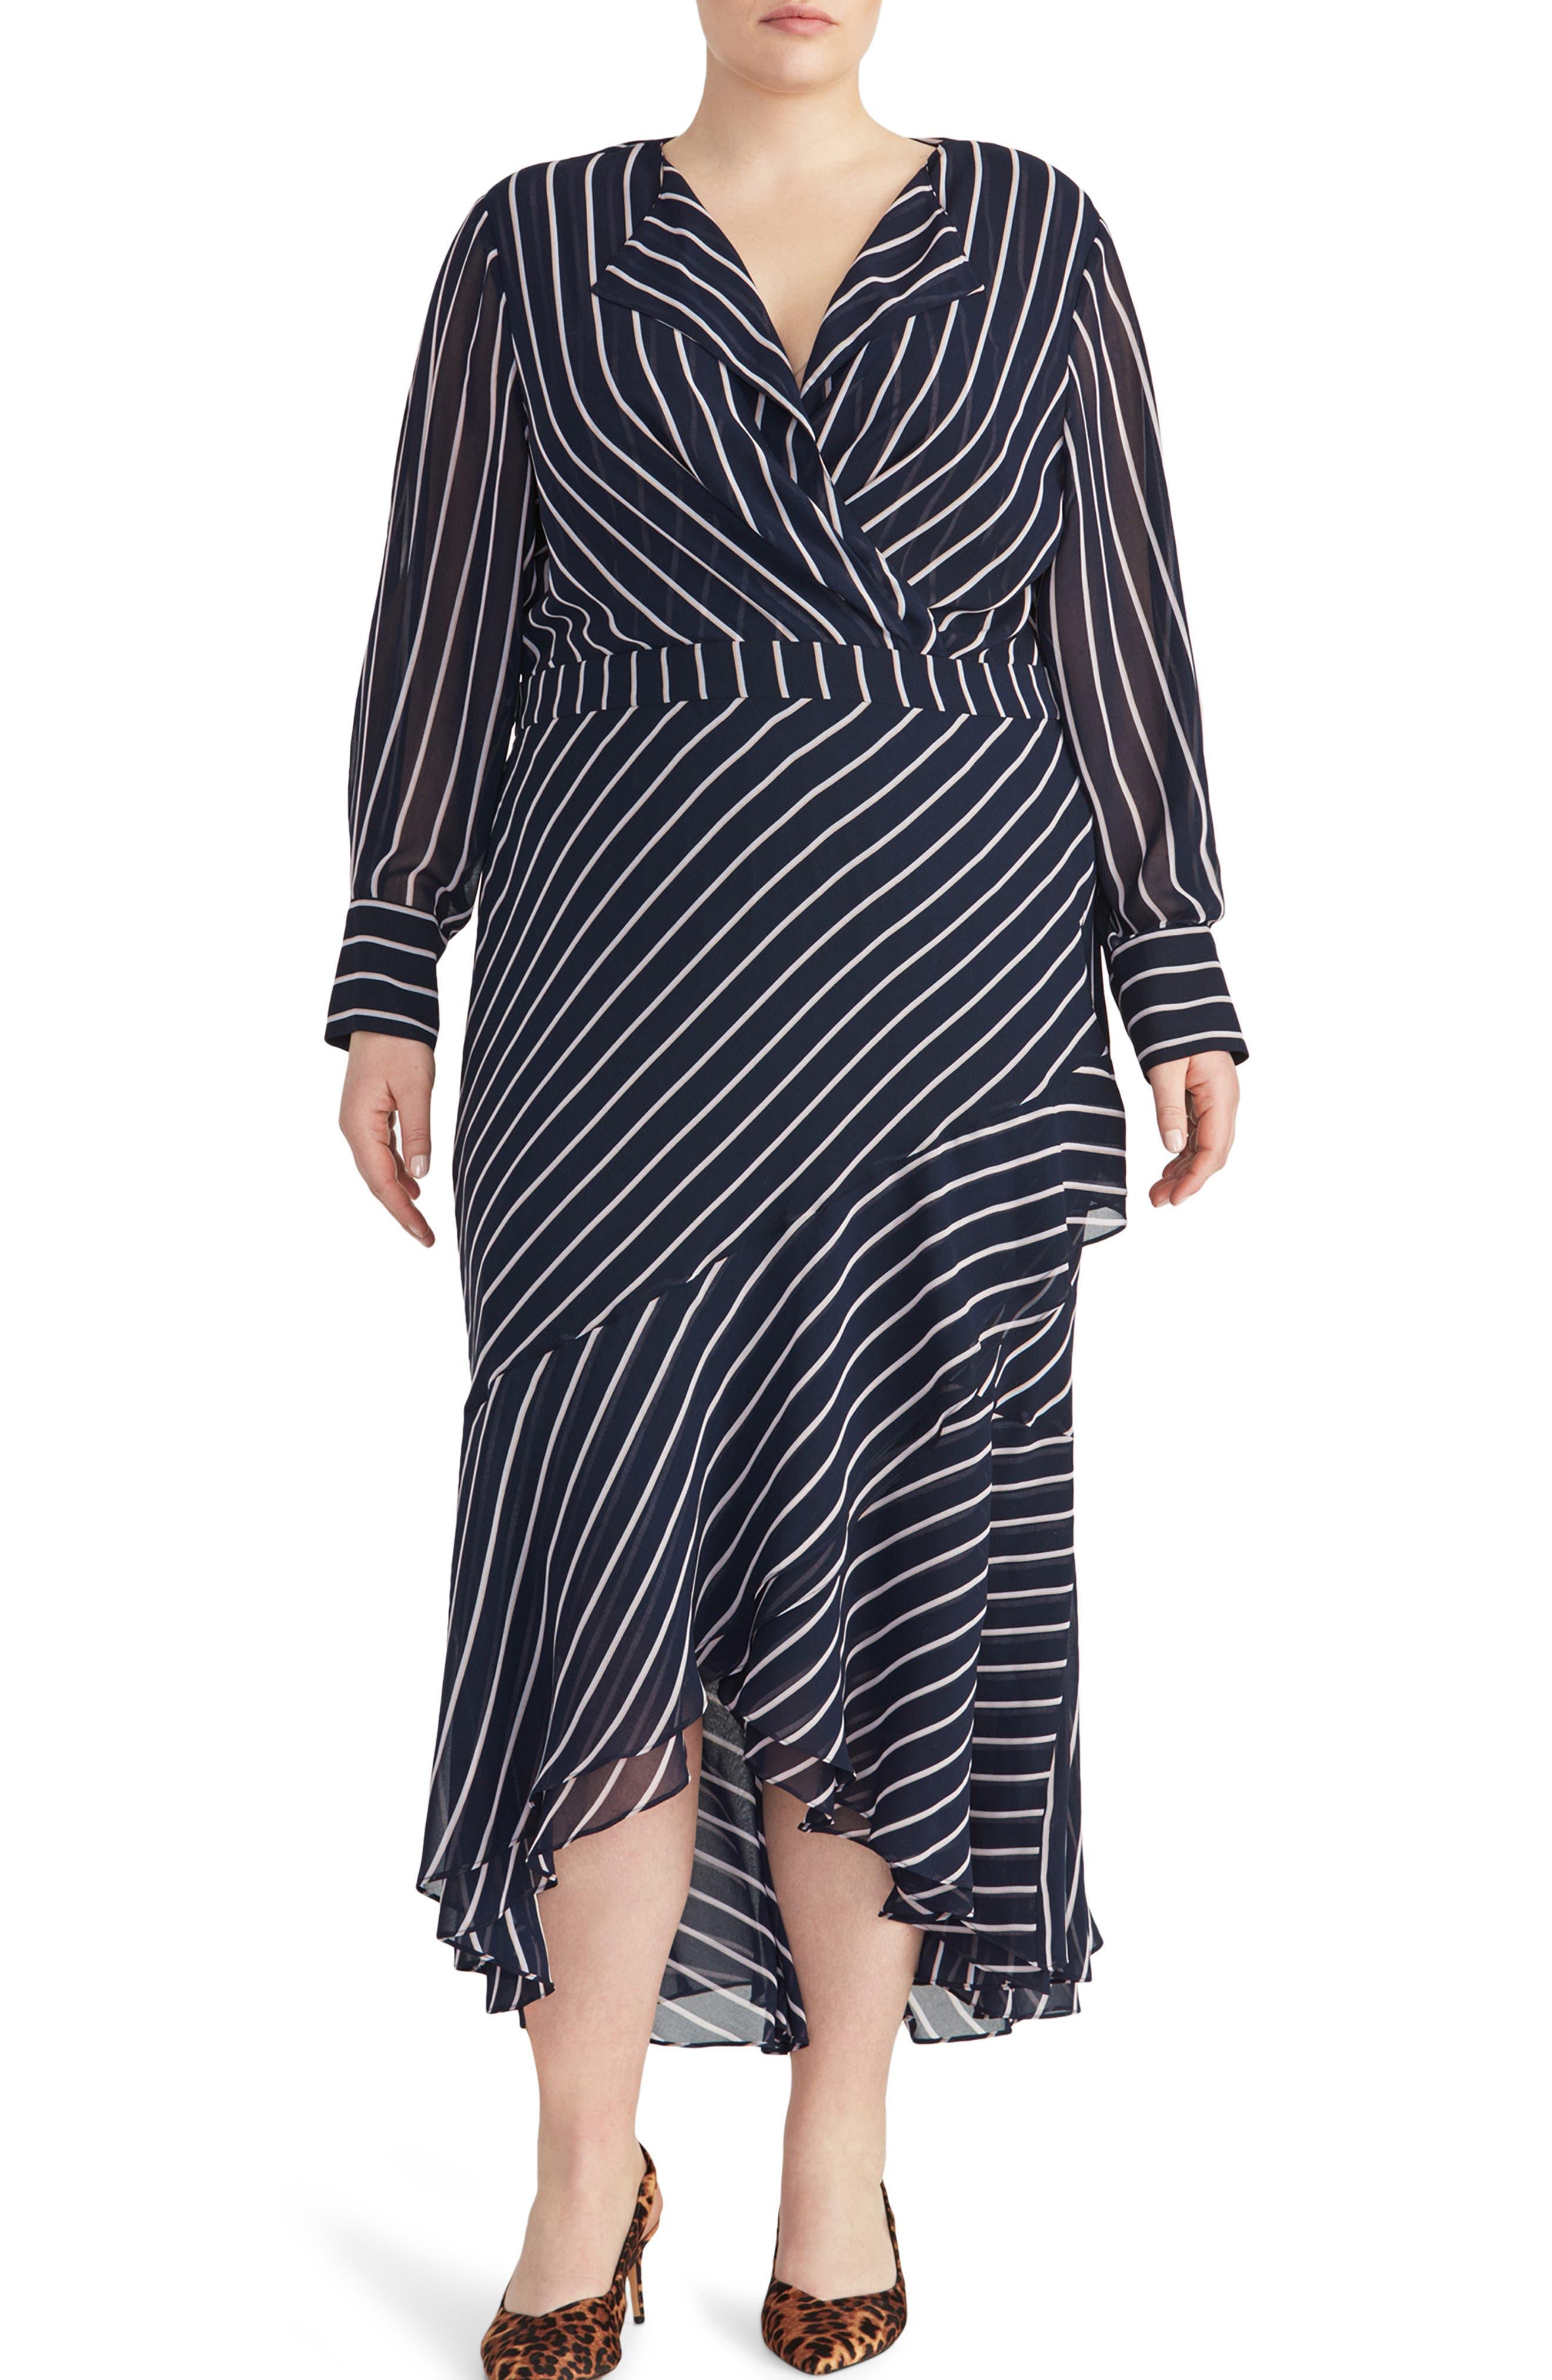 1930s Art Deco Plus Size Dresses   Tea Dresses, Party Dresses Plus Size Womens Rachel Roy Collection Stripe Print Maxi Dress $89.40 AT vintagedancer.com